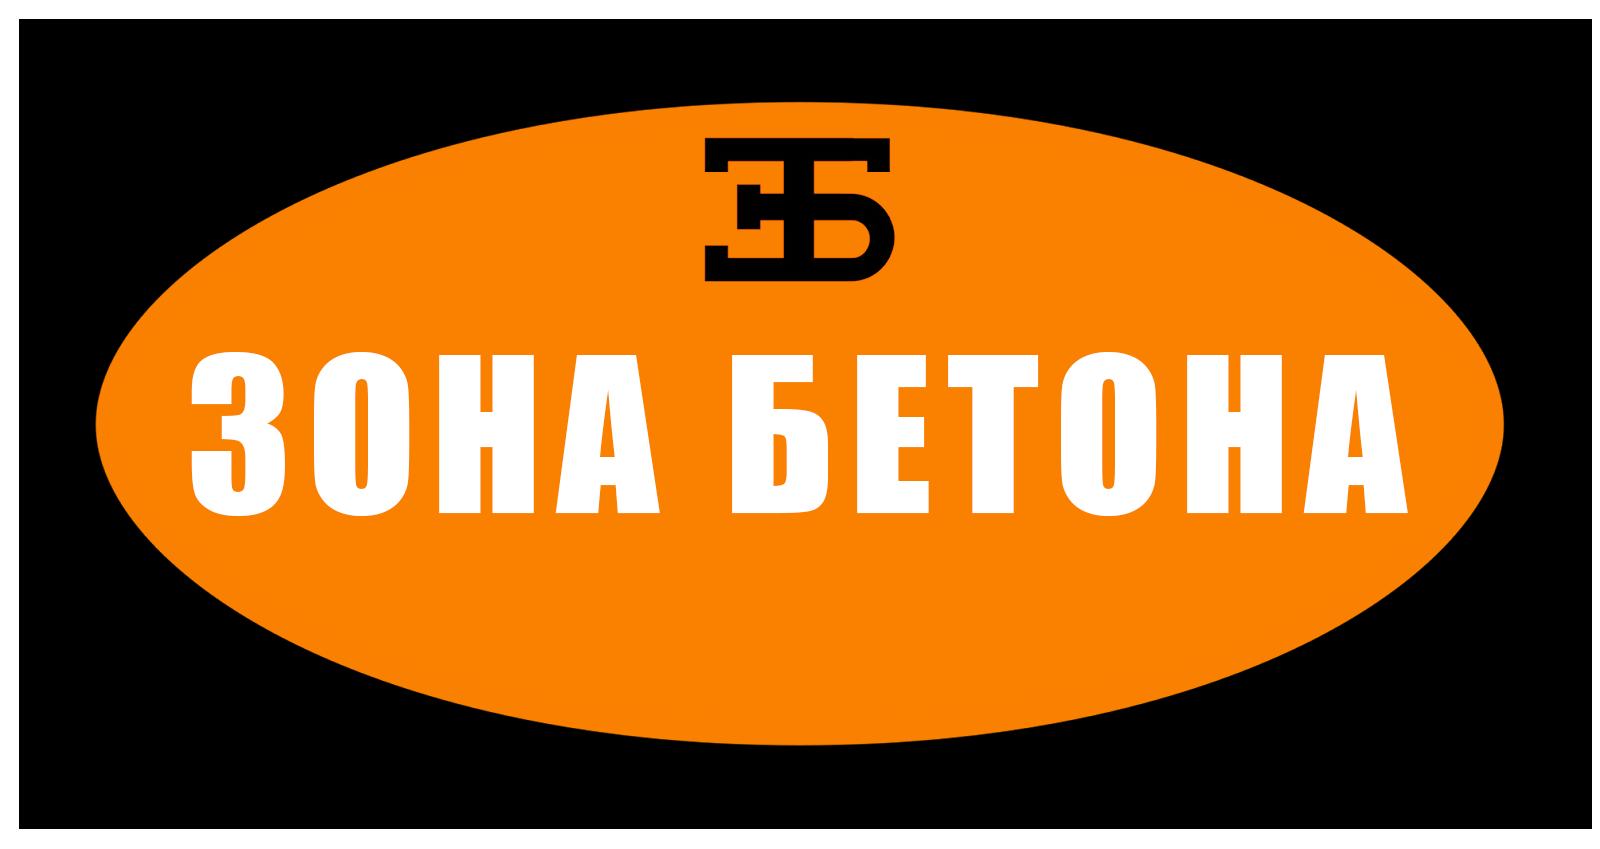 ZonaBetona